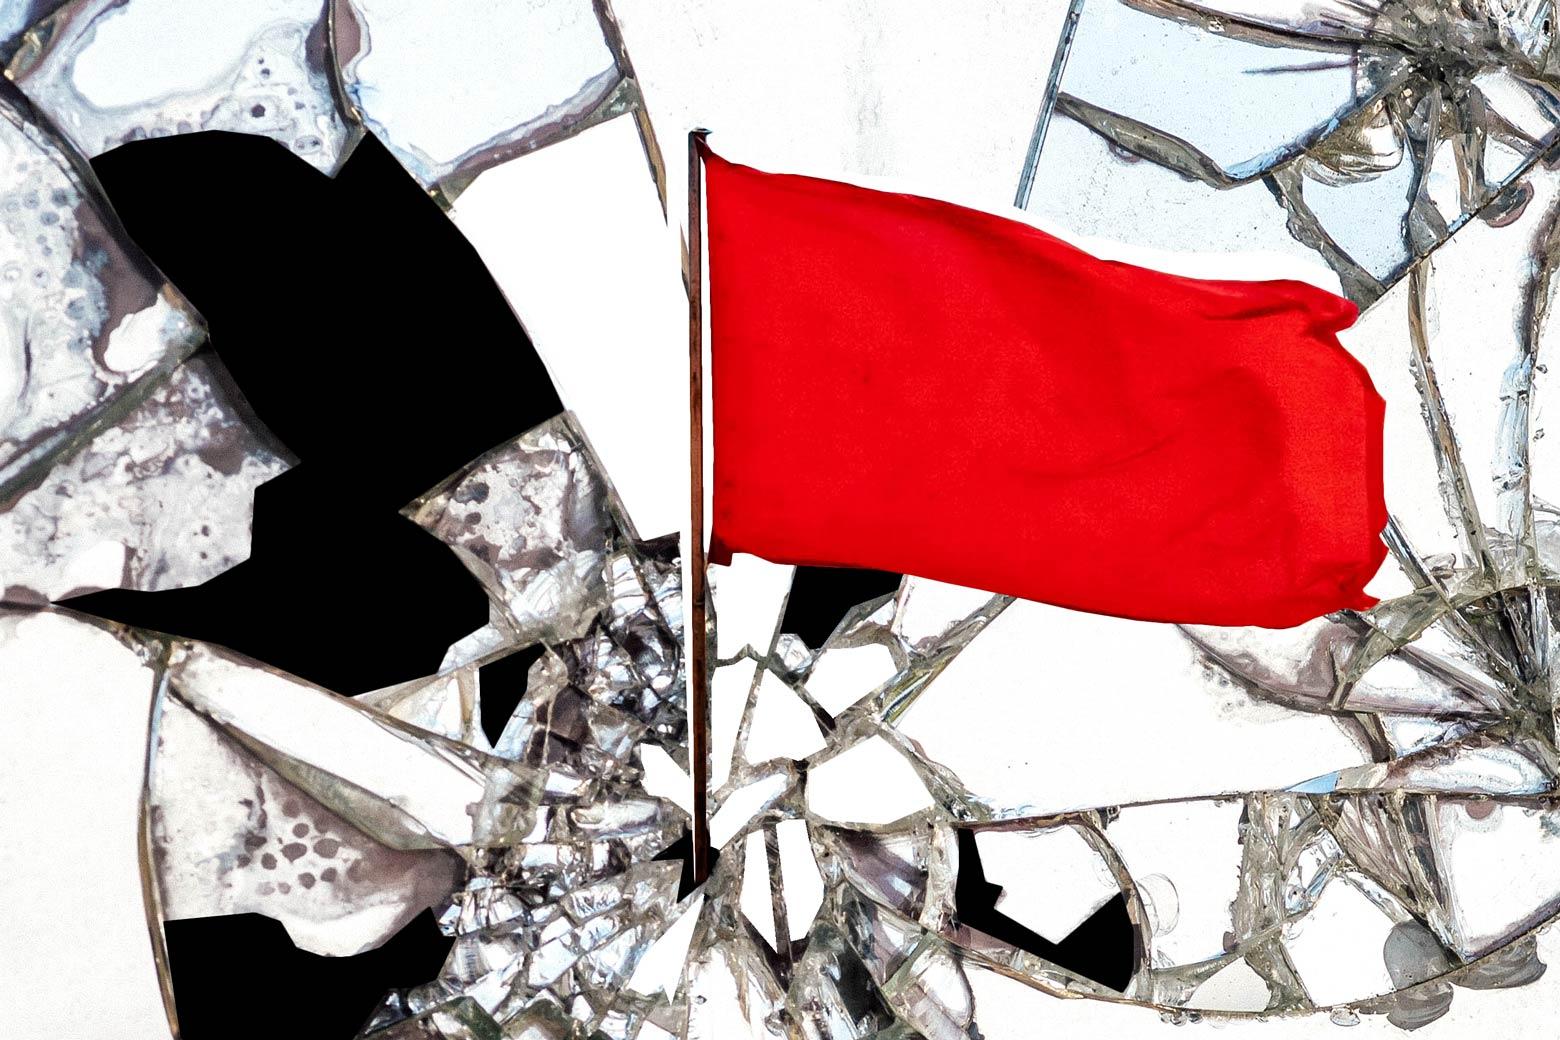 Photo illustration: Red revolutionary flag shattering a mirror.